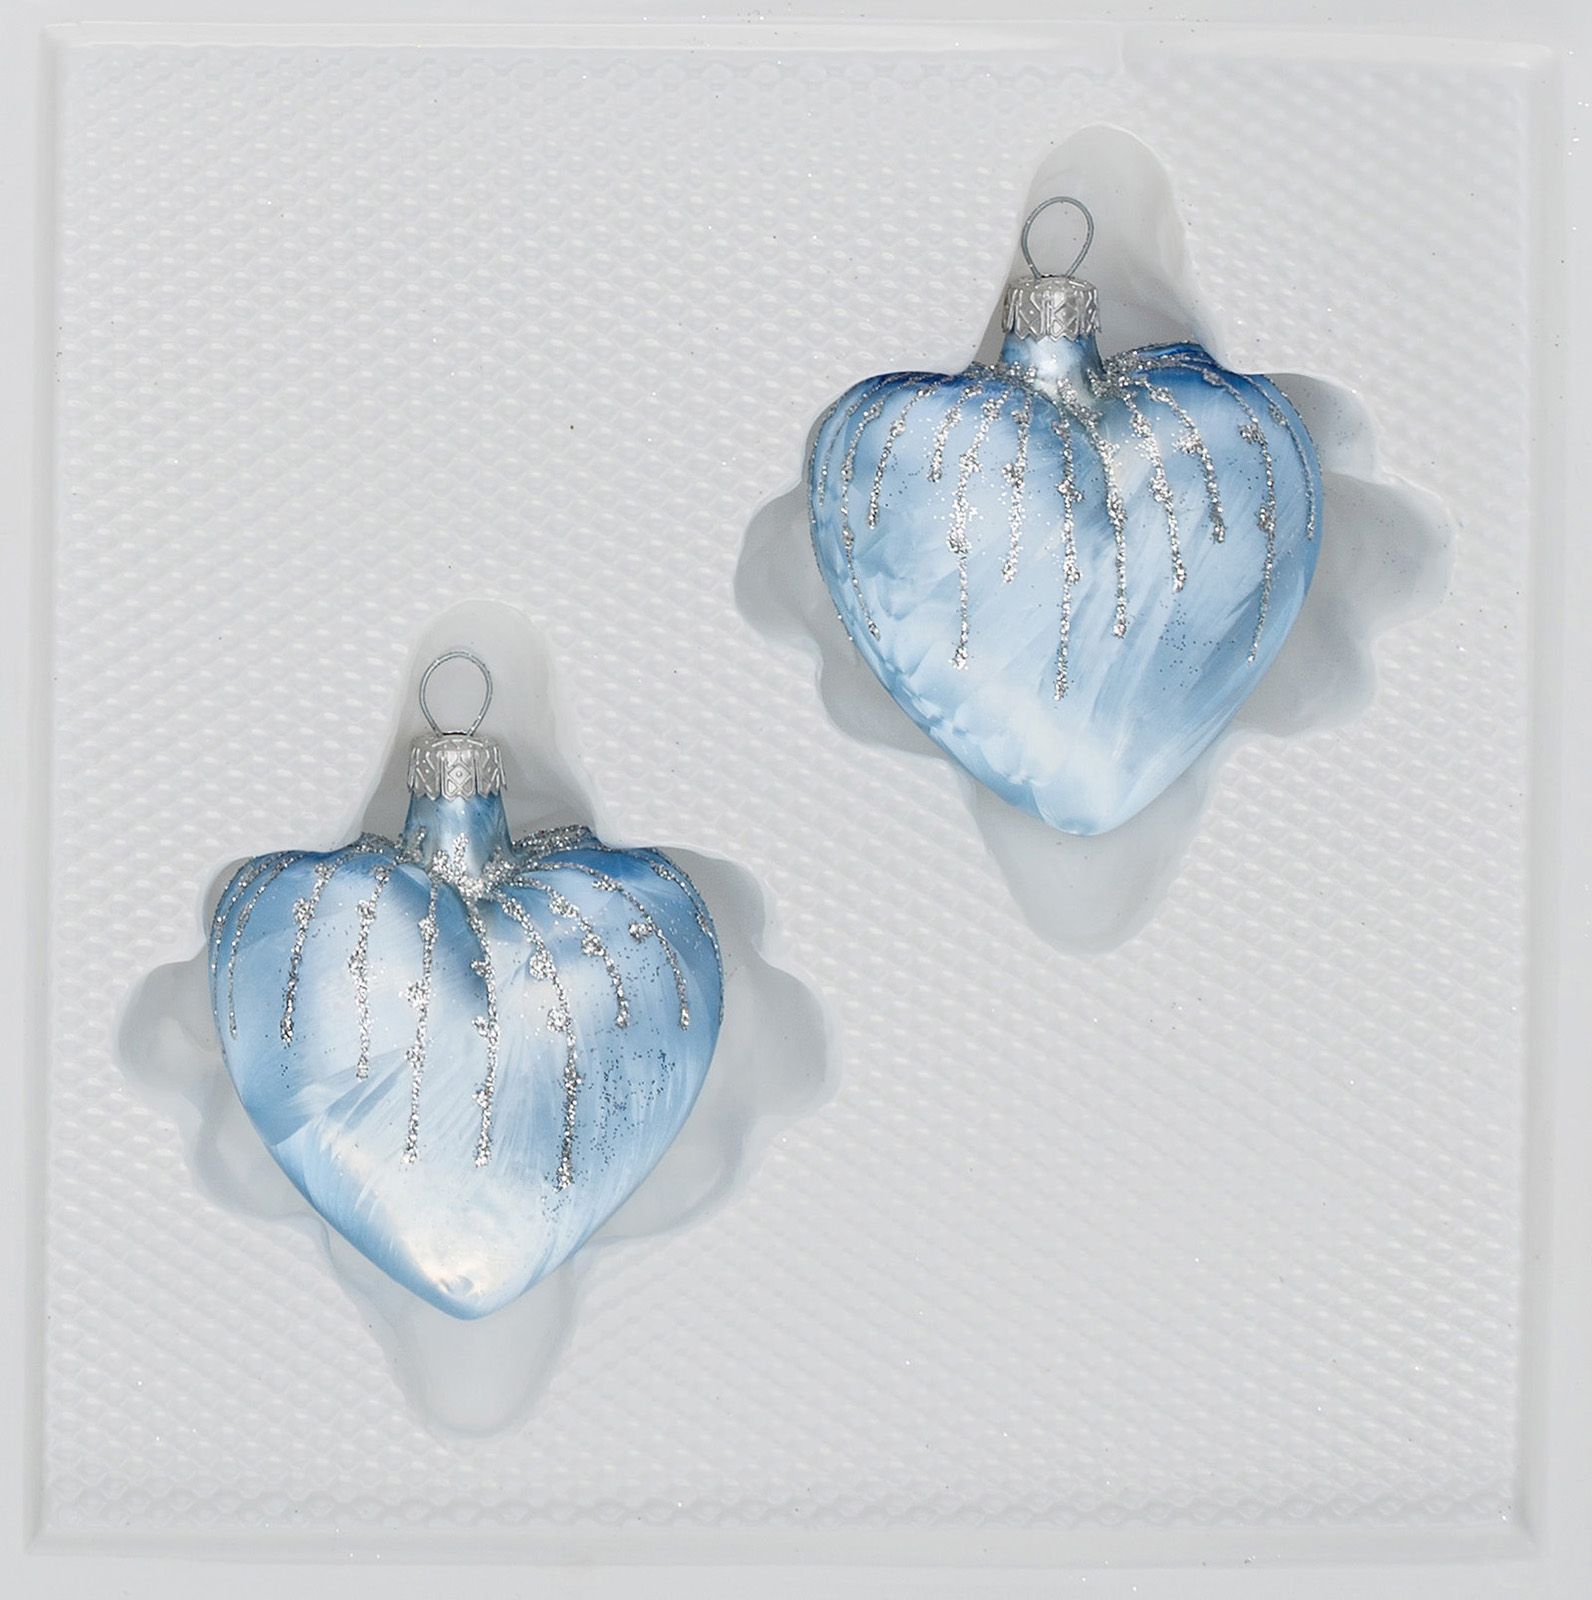 """2 tlg. Glas-Herzen Set in """"Ice Blau Silber"""" Regen"""